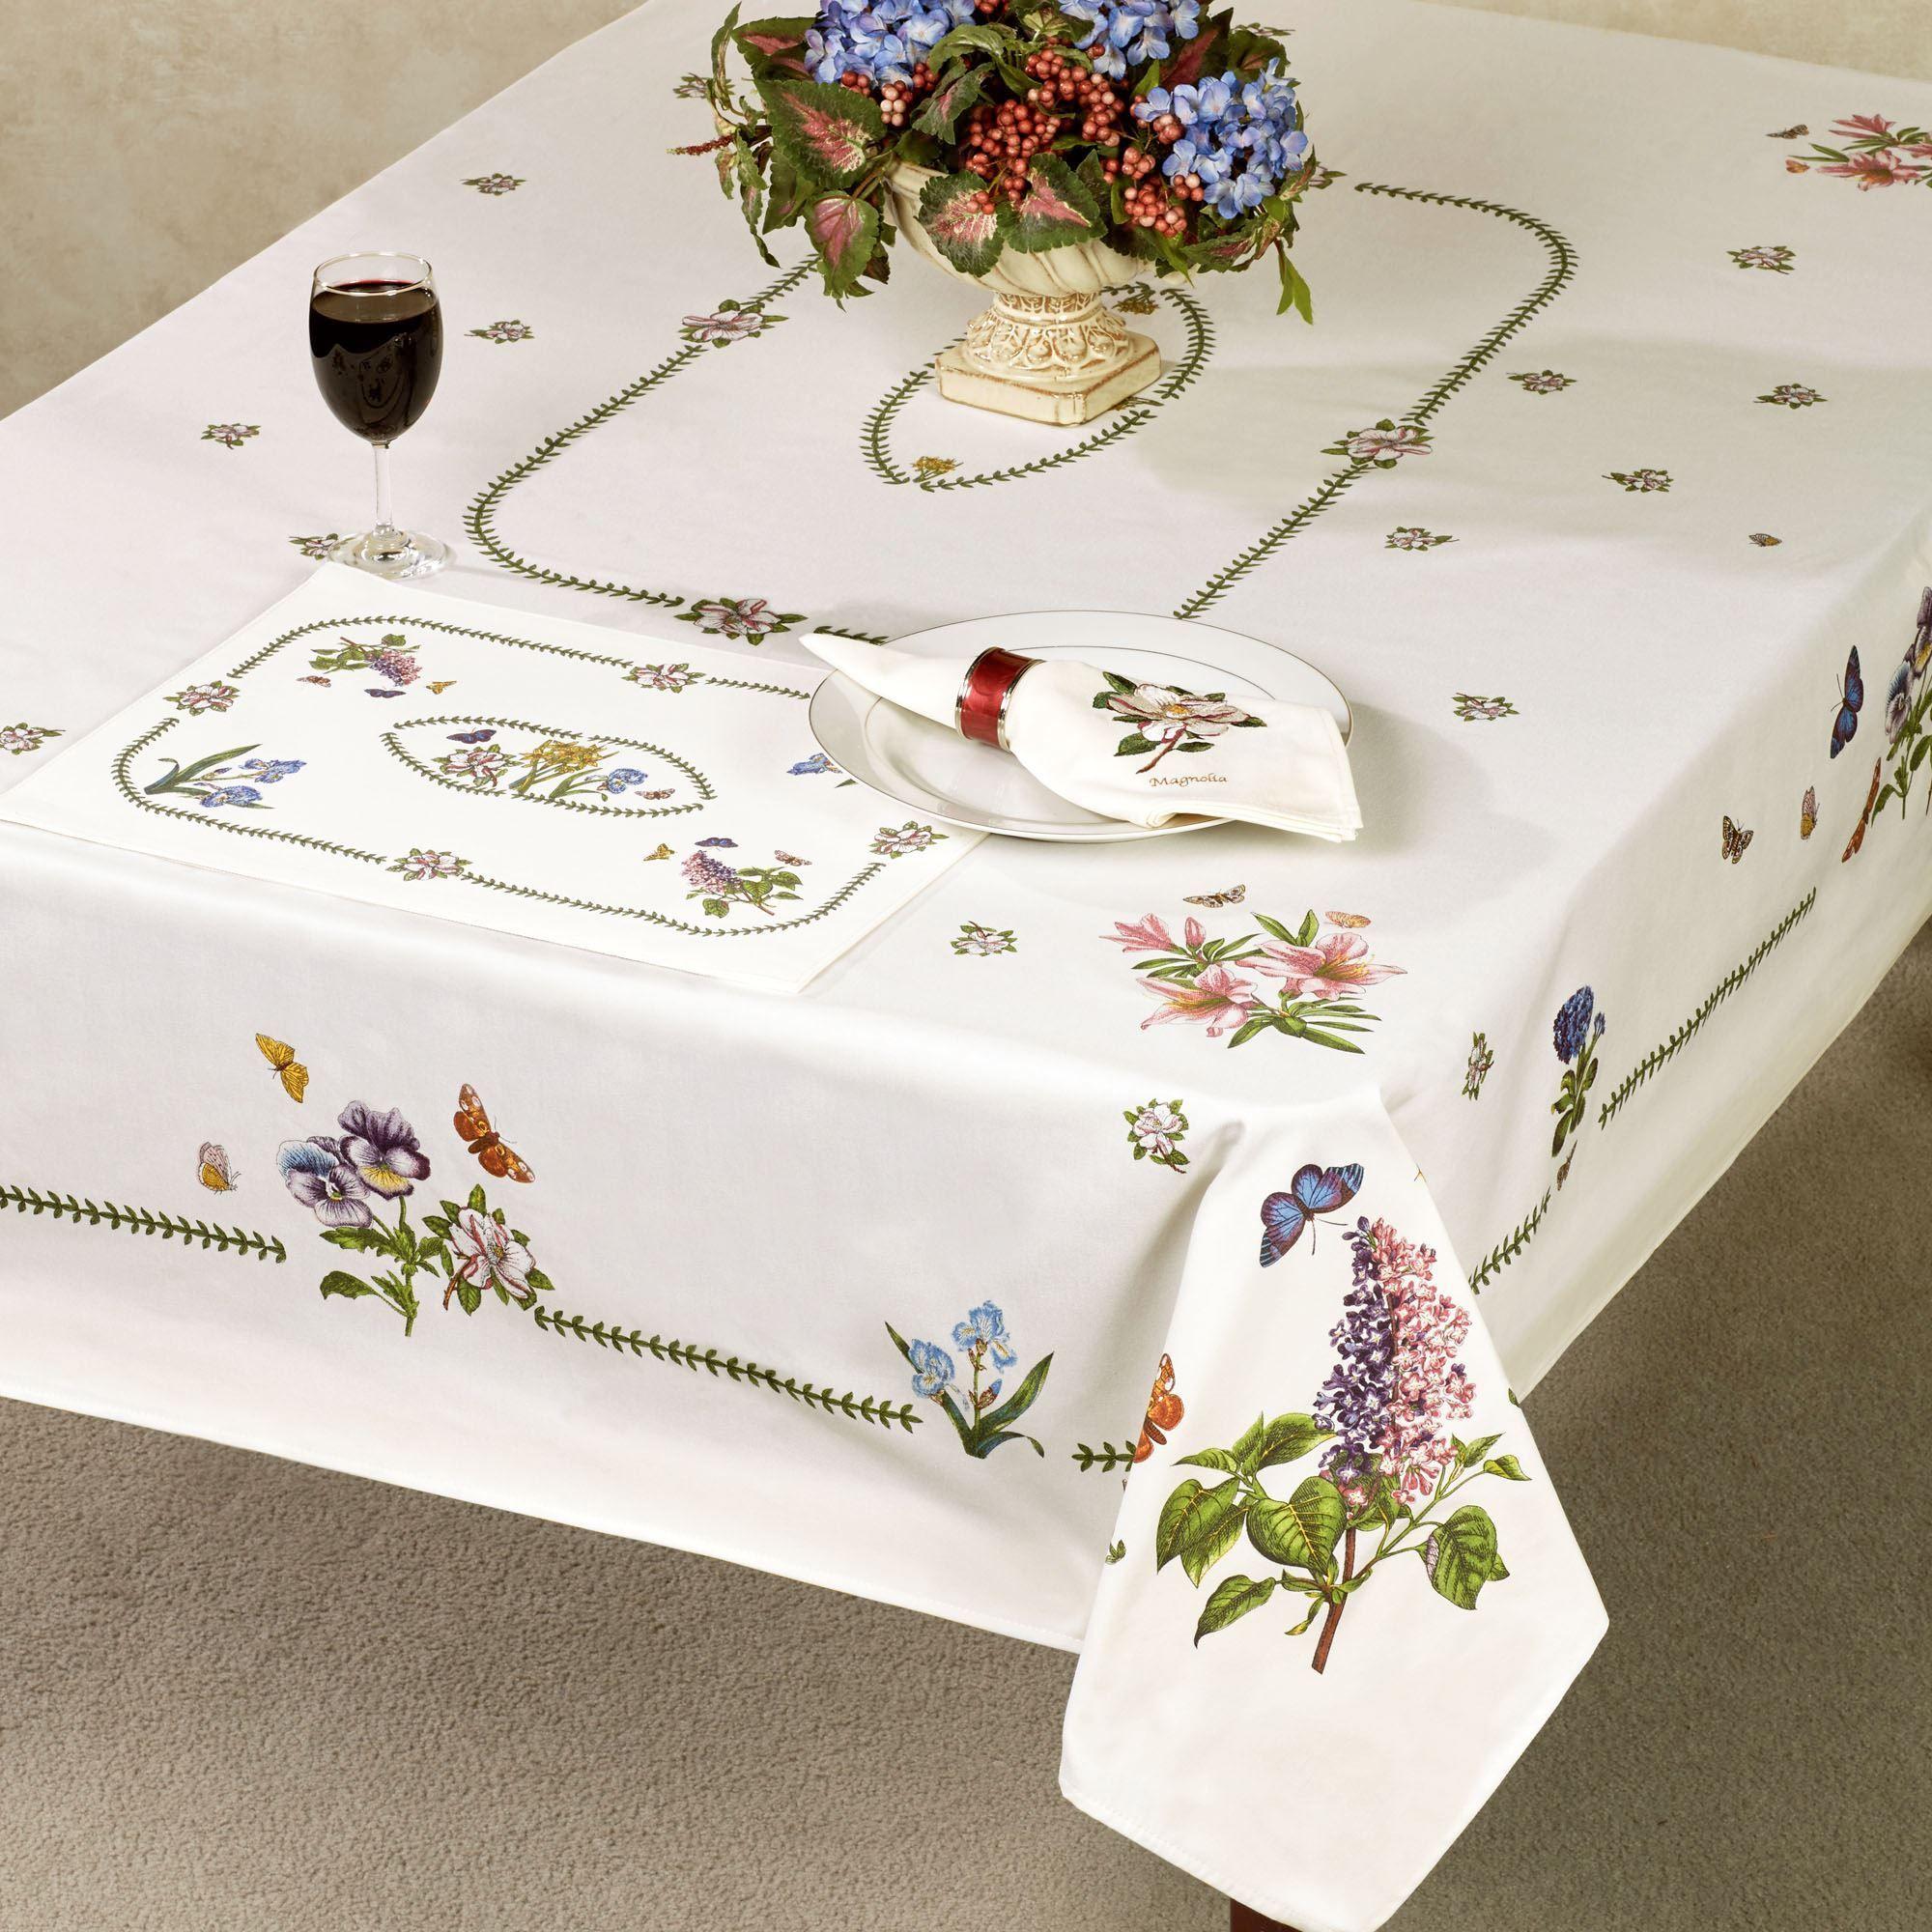 Botanic Garden Table Linens from Portmeirion